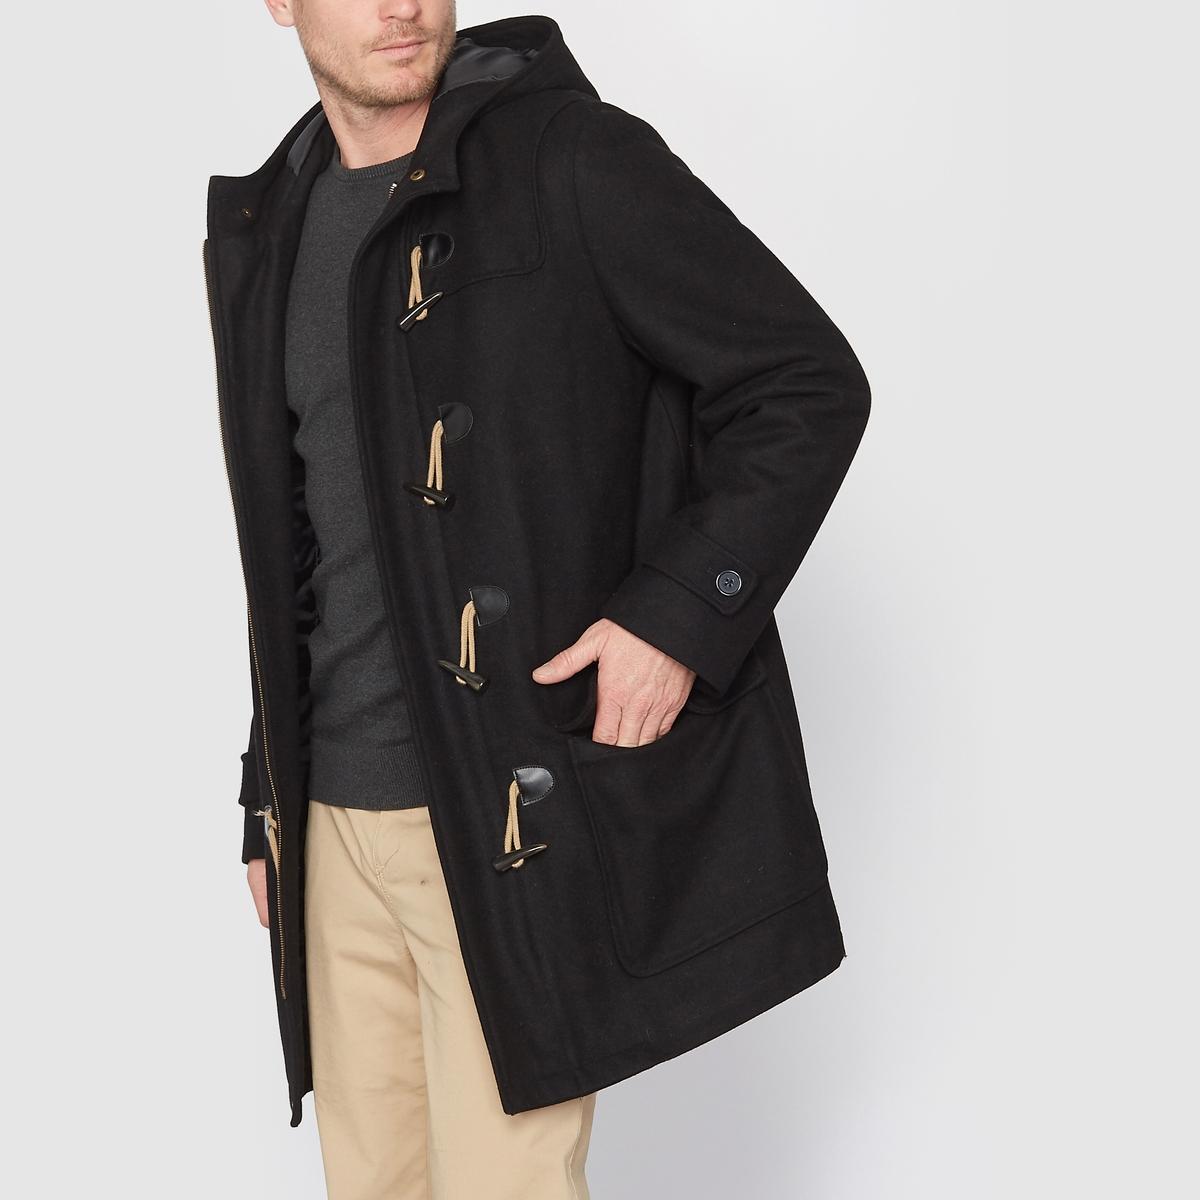 Пальто короткое с капюшоном драповоеКороткое пальто с капюшоном. Отличный элемент зимнего гардероба! С капюшоном. Драп: 65% шерсти, 25% полиэстера, 5% других волокон, 5% акрила, двойная подкладка 100% полиэстер. Длина 89 см.Застежка на молнию, застежки-петли из шнура, пуговицы с имитацией шнура. 2 накладных кармана. 2 внутренних кармана. Манжеты с застежкой-планкой на пуговицы.<br><br>Цвет: черный<br>Размер: 74/76